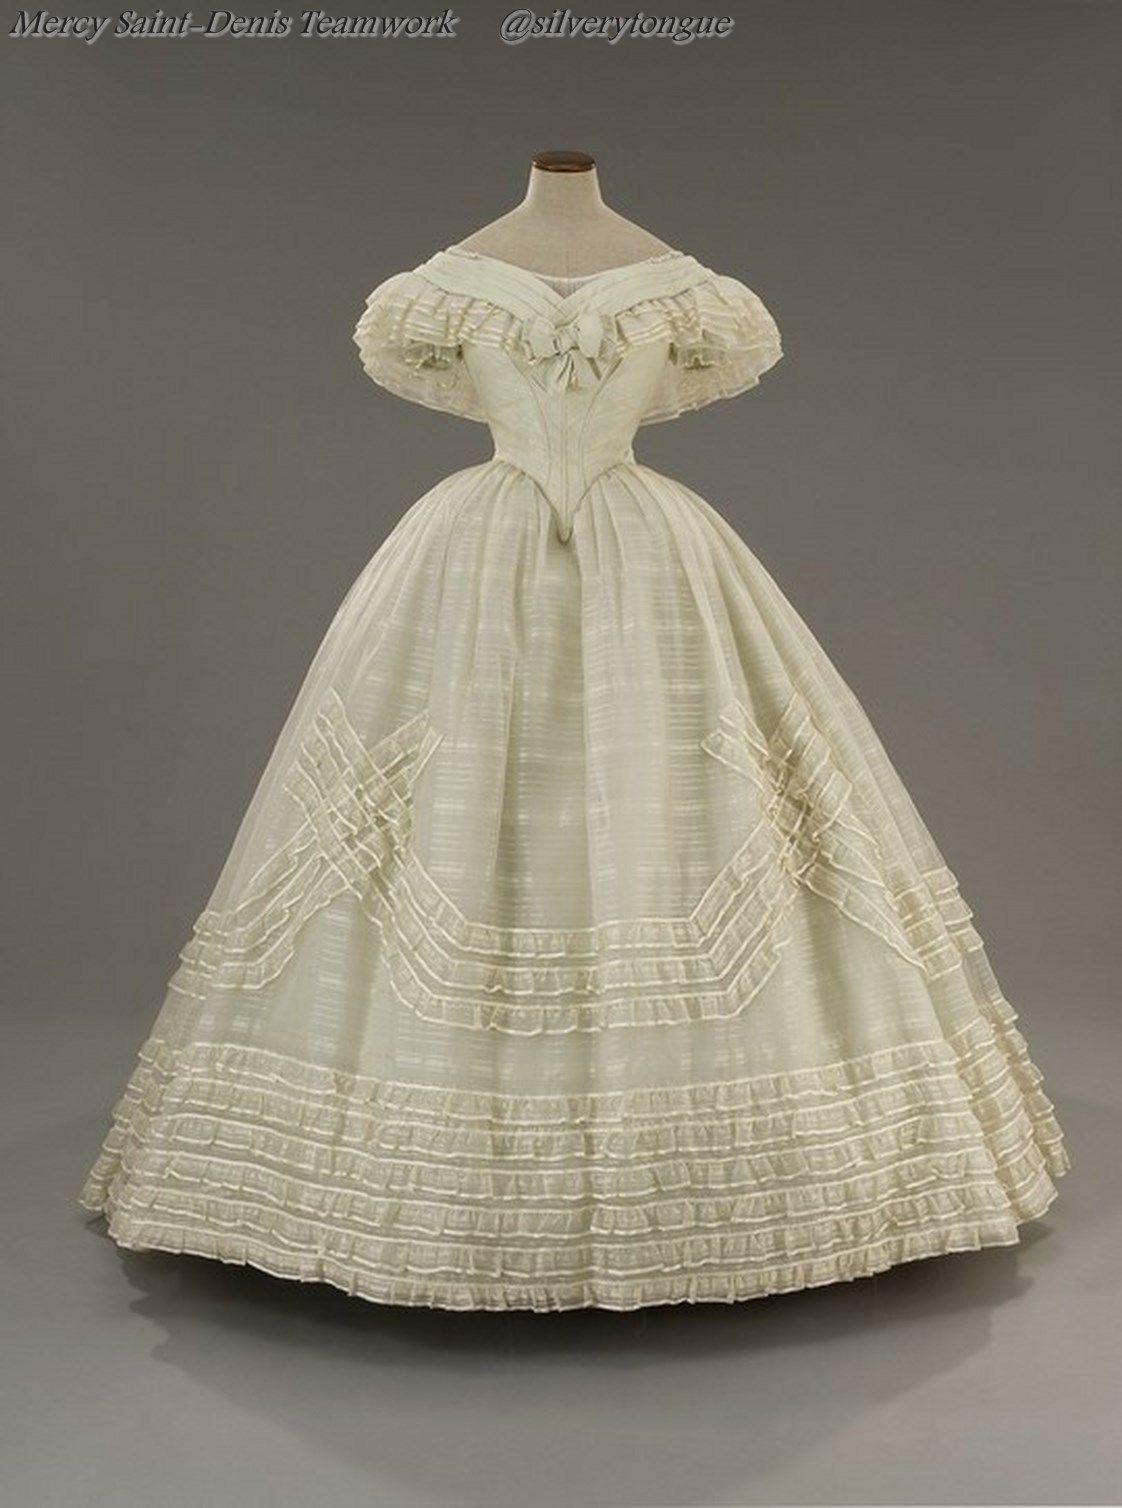 """Copia esatta dell'originale abito da ballo di Angelica, indossato da Claudia Cardinale ne """"Il Gattopardo"""", film di Luchino Visconti del 1962."""